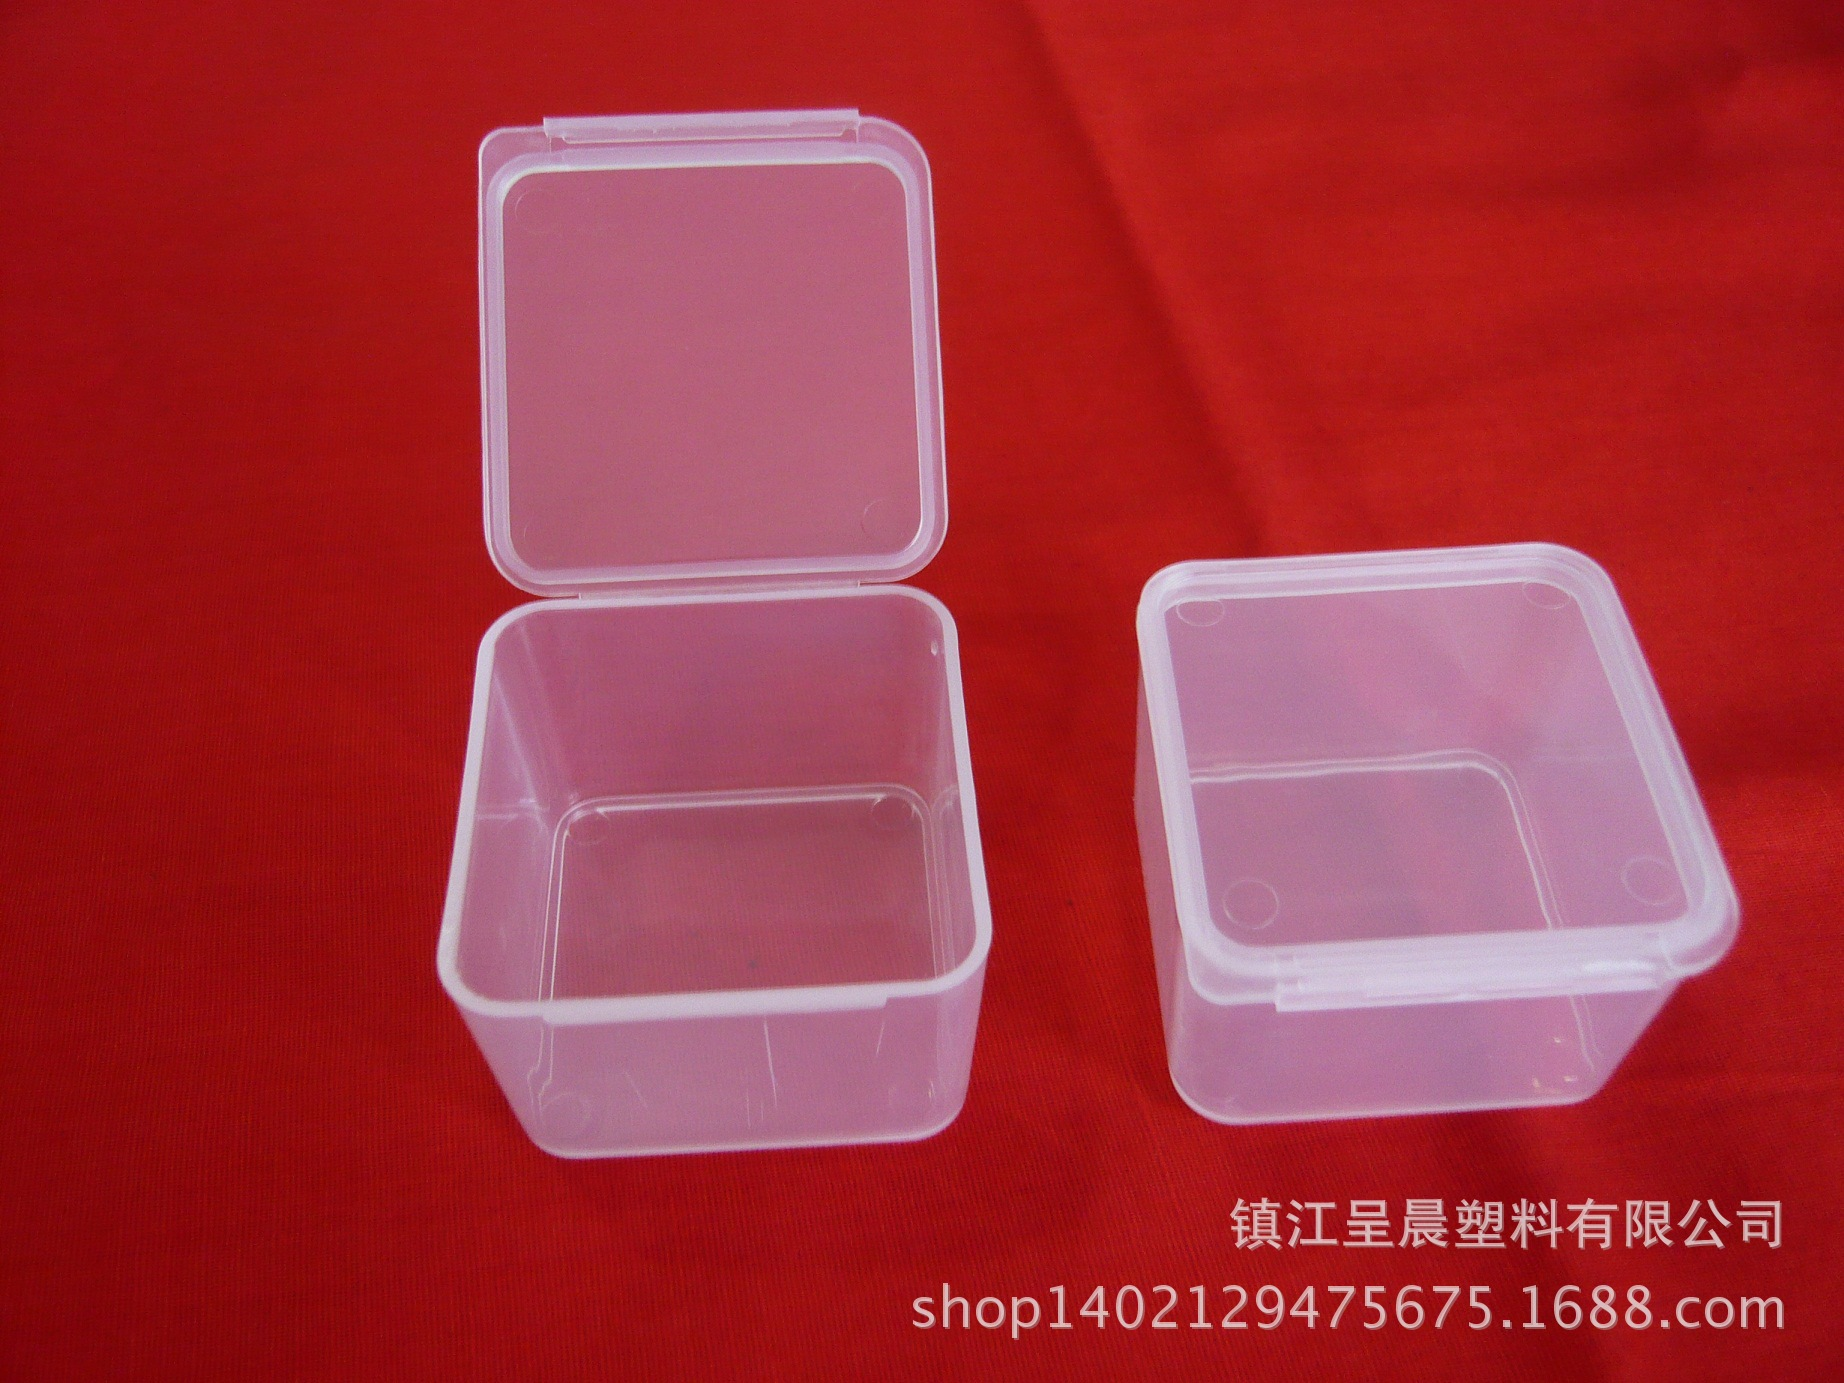 五金工具塑料盒小方盒通明包装 可定制 塑料盒 可订做